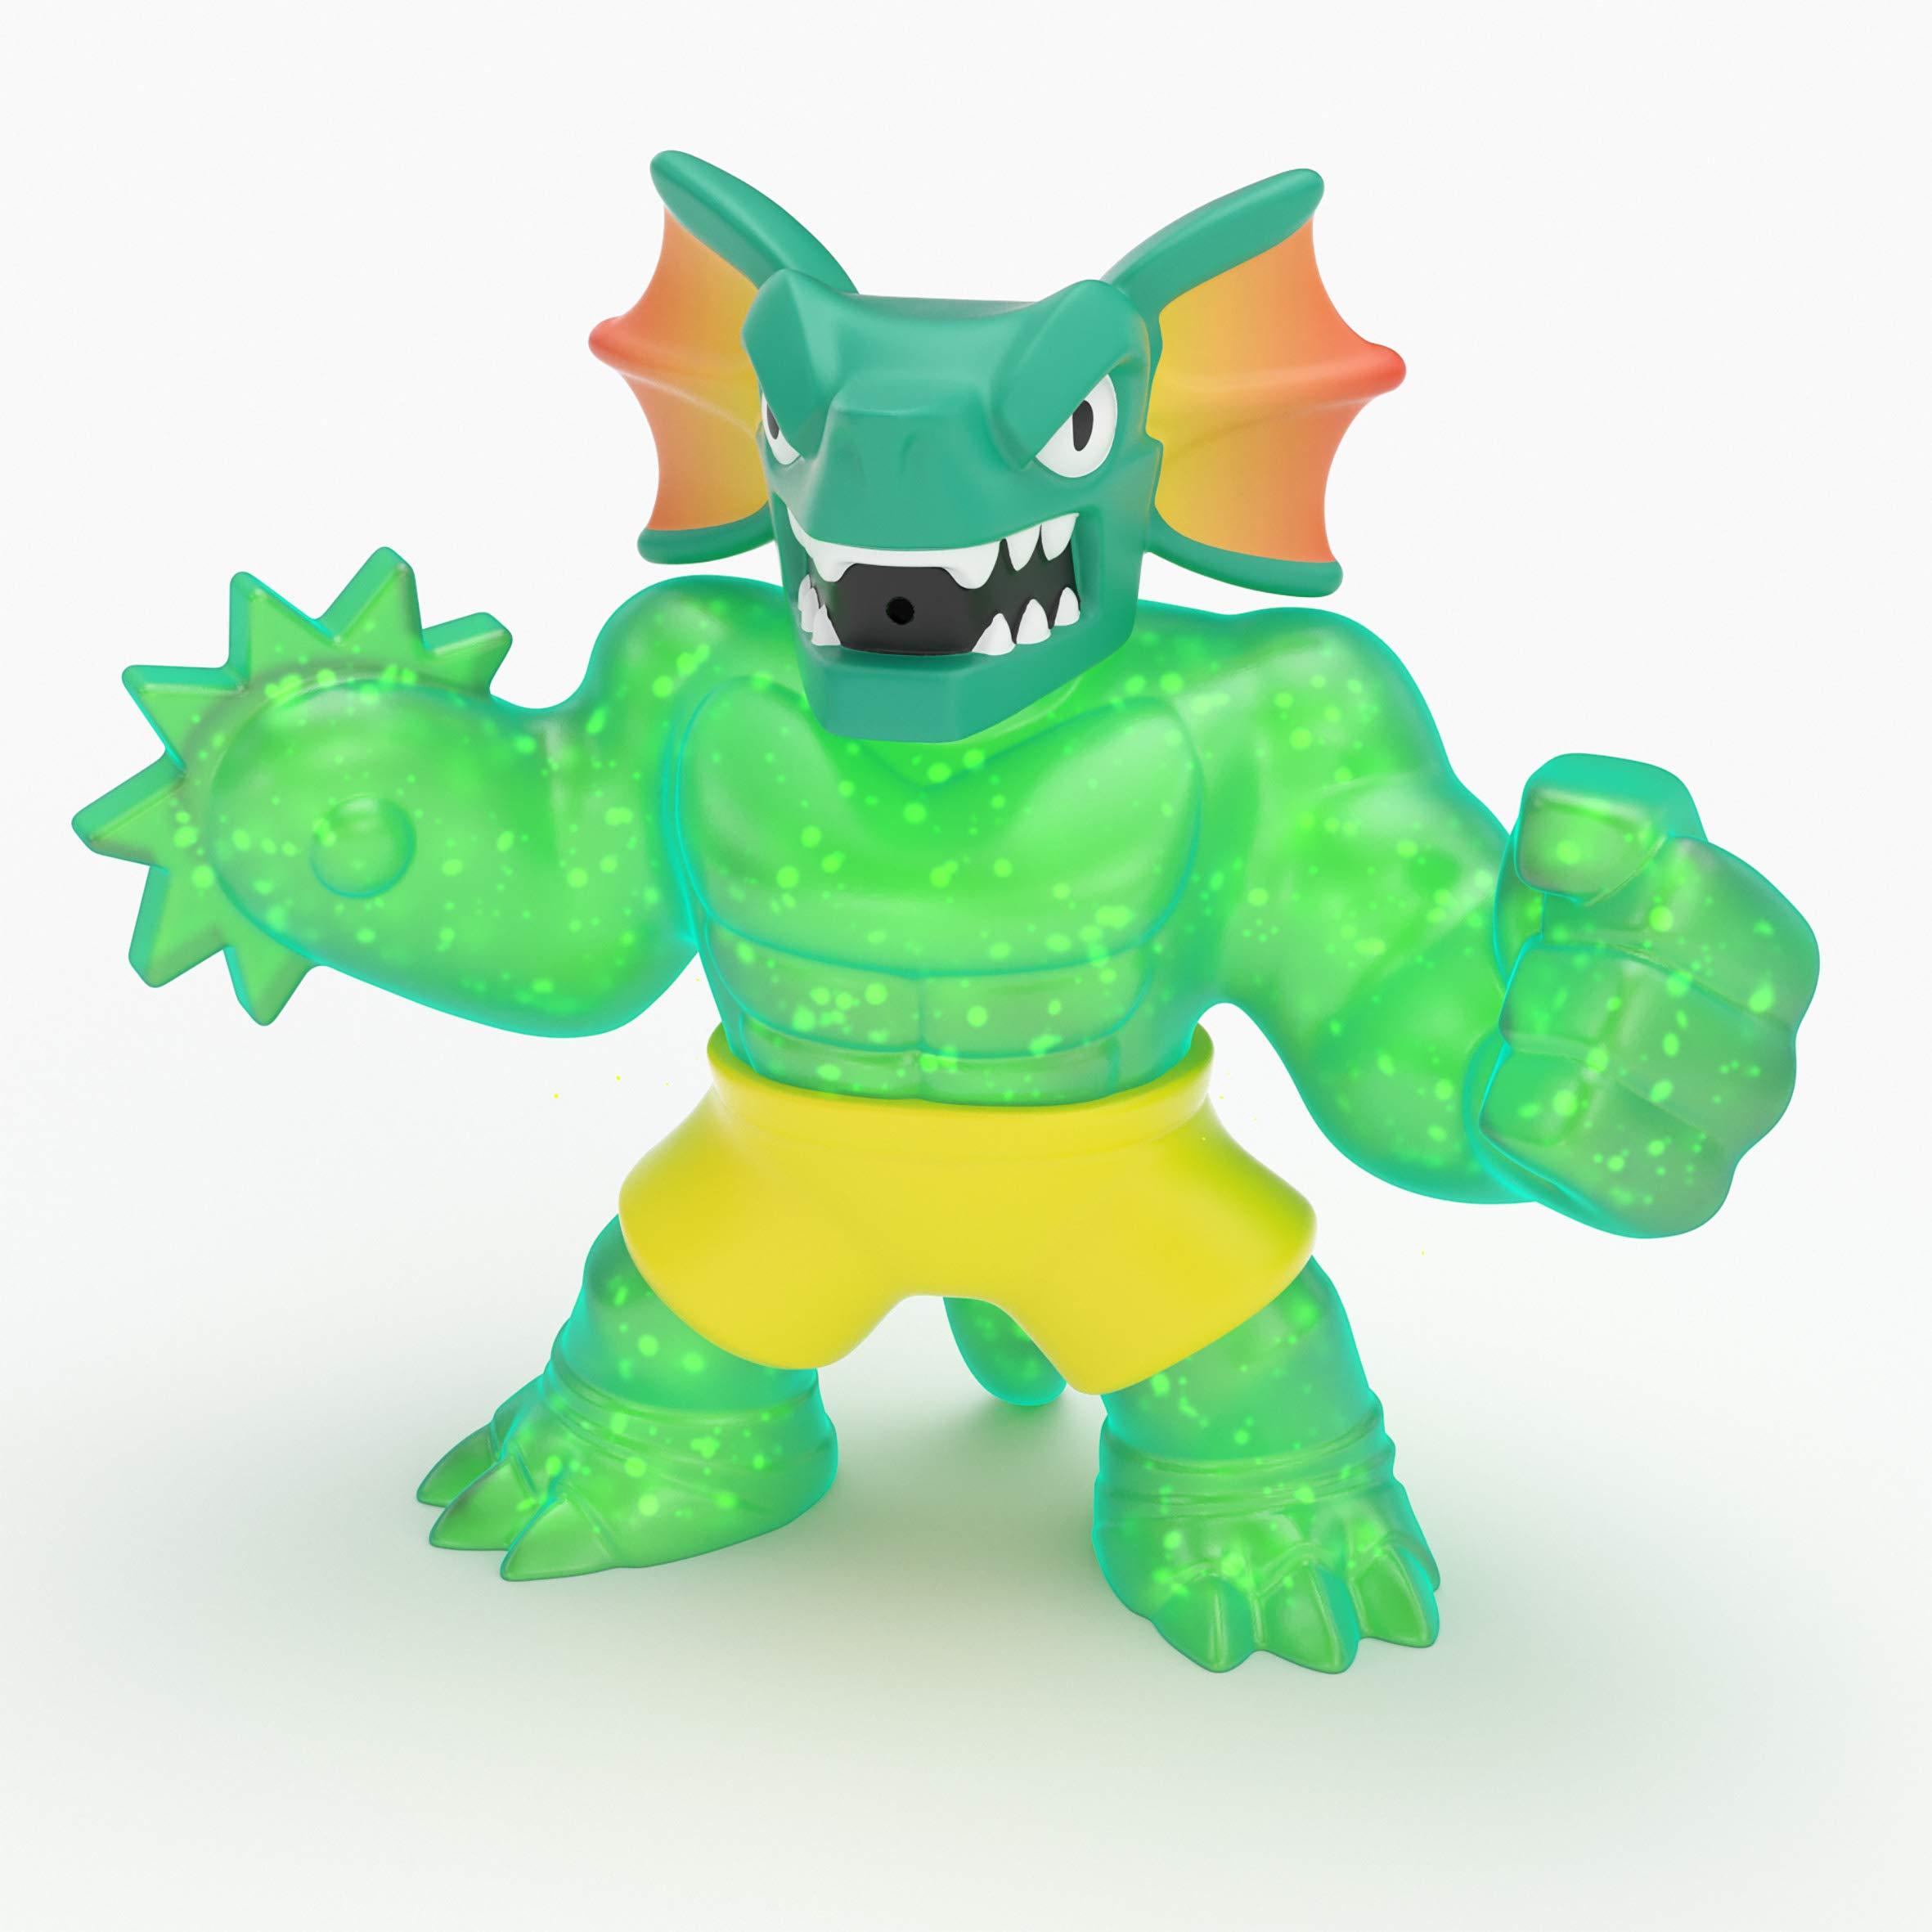 Heroes of Goo Jit Zu 41041 Hero Pack S2 REPTAUR The Lizard, Multicolor